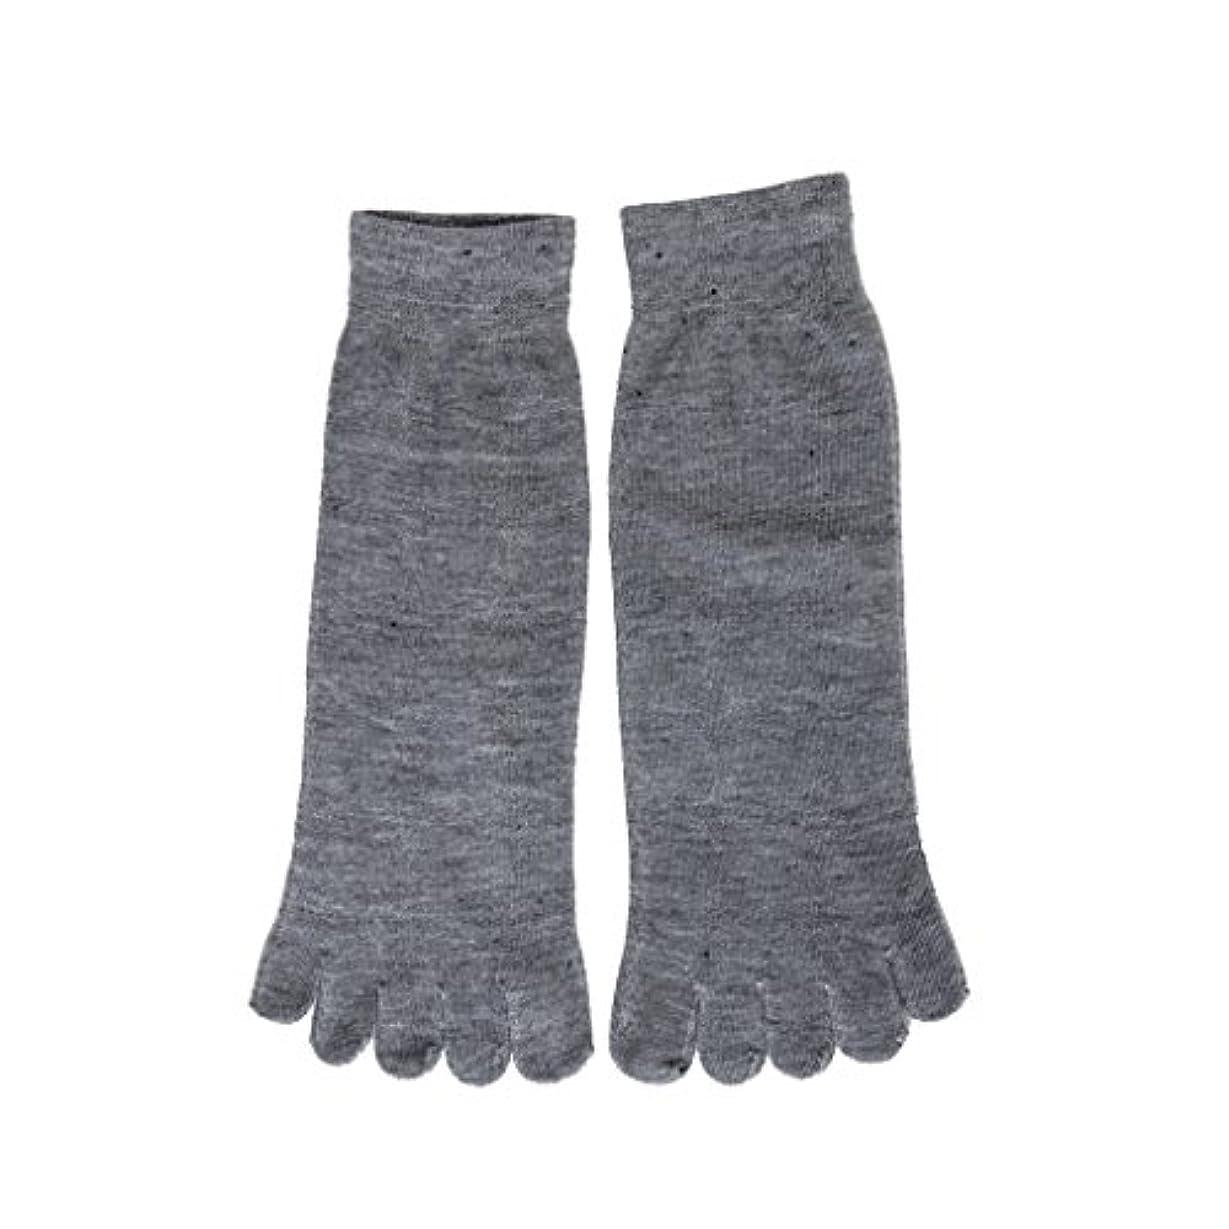 目に見えるようこそ液化する【Footful】ソックス 靴下 くつ下 五本指ソックス サポートソックス 全4色 (ライトグレー)